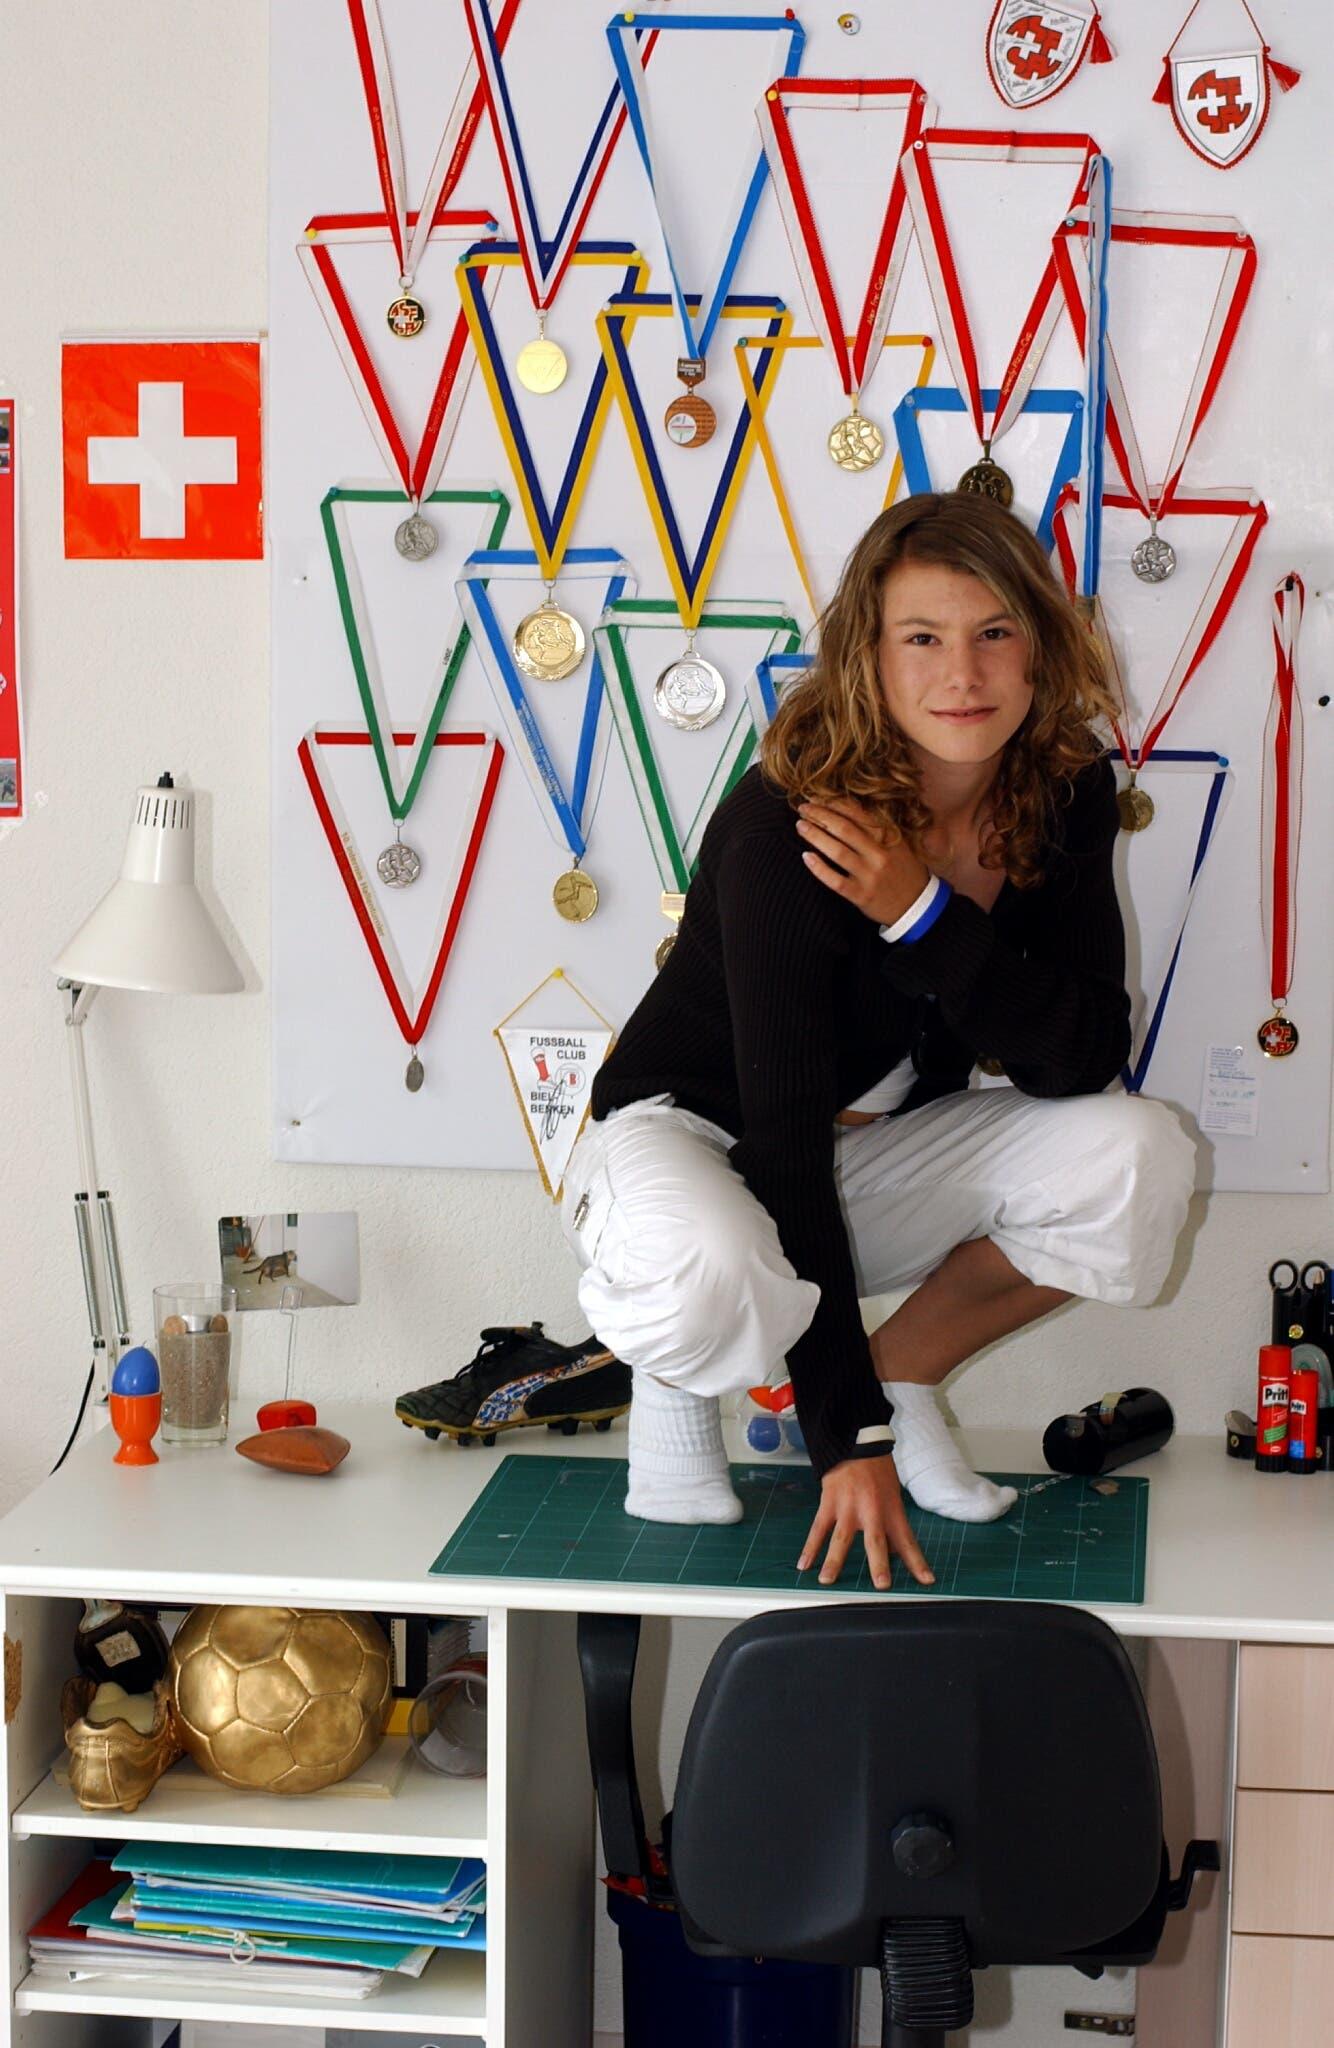 2005 wurde sie Schweizer Meister und Pokalsieger der Altersklasse U-18. In der folgenden Saison war sie die jüngste Spielerin der Nationalliga B.